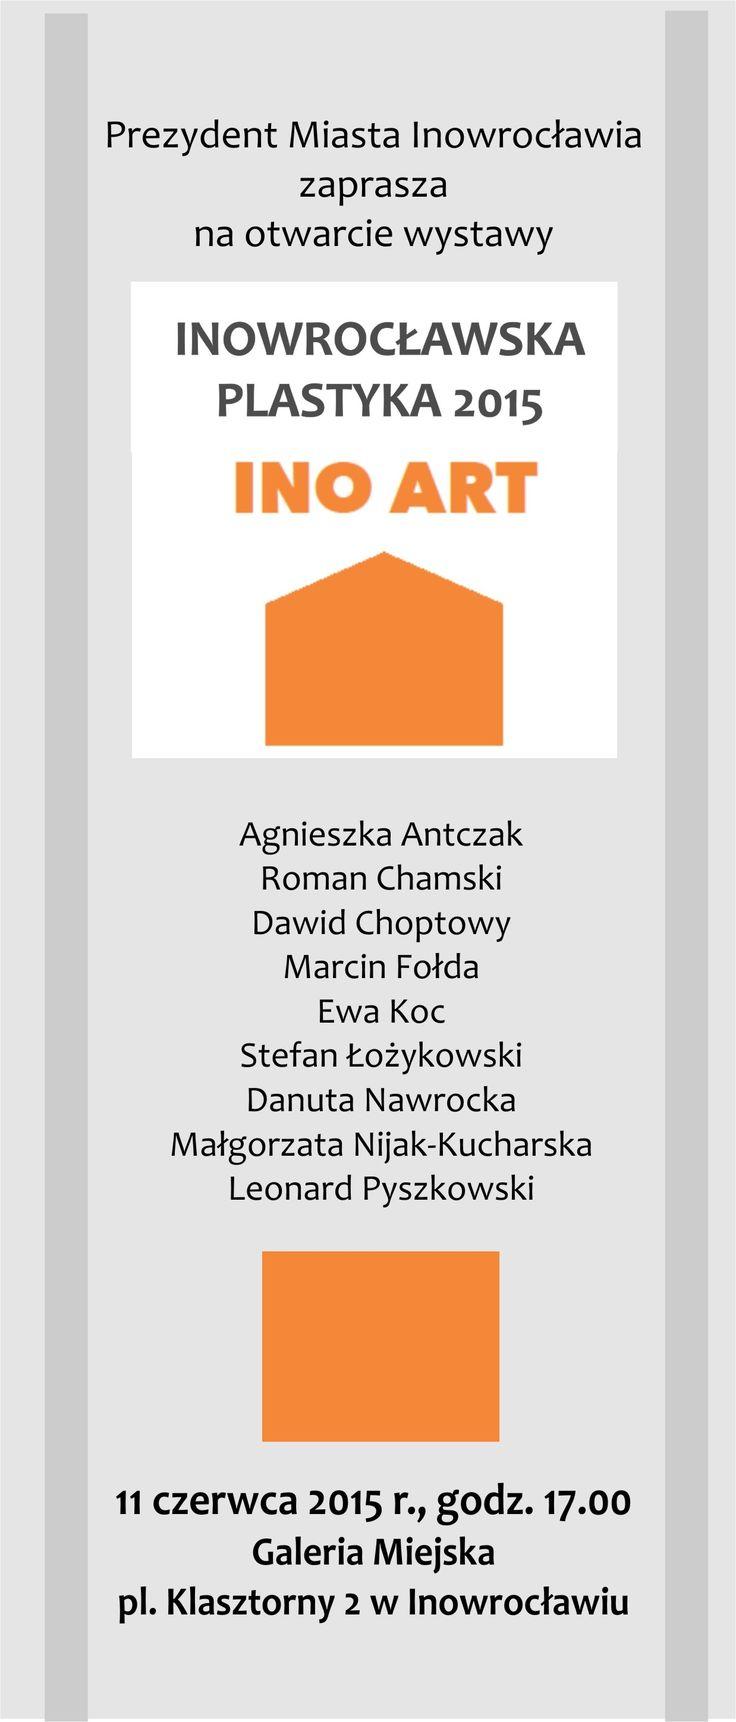 INO-ART wystawa z okazji Dni Inowrocławia